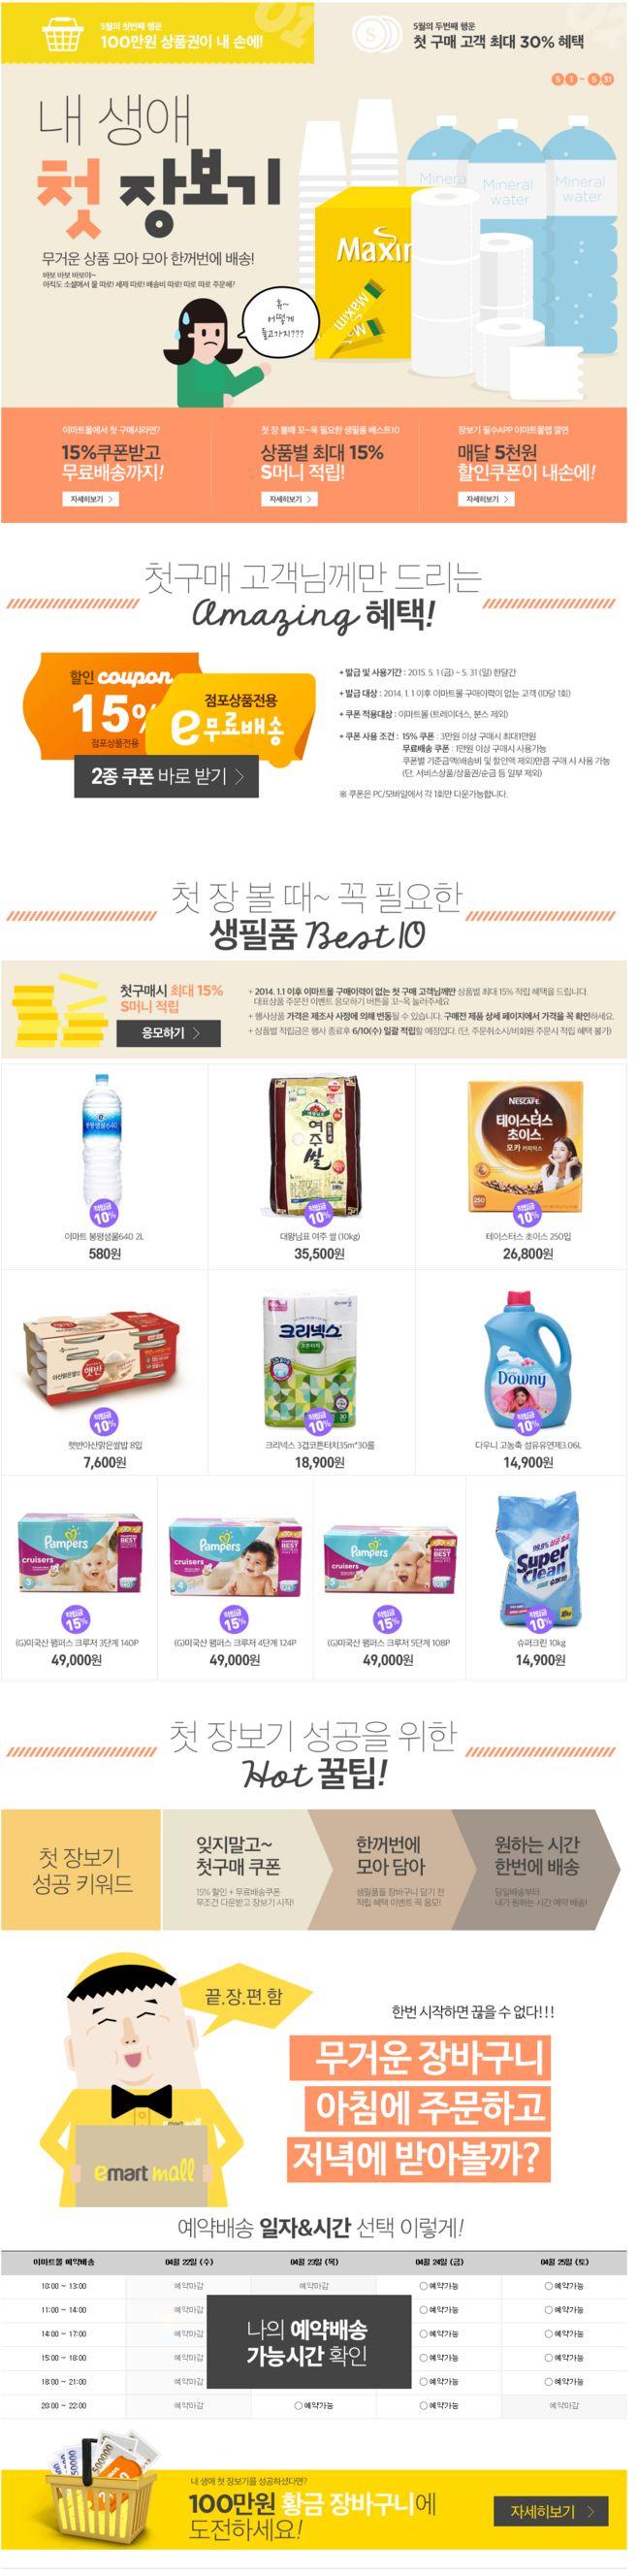 신세계적 쇼핑포털 SSG.COM